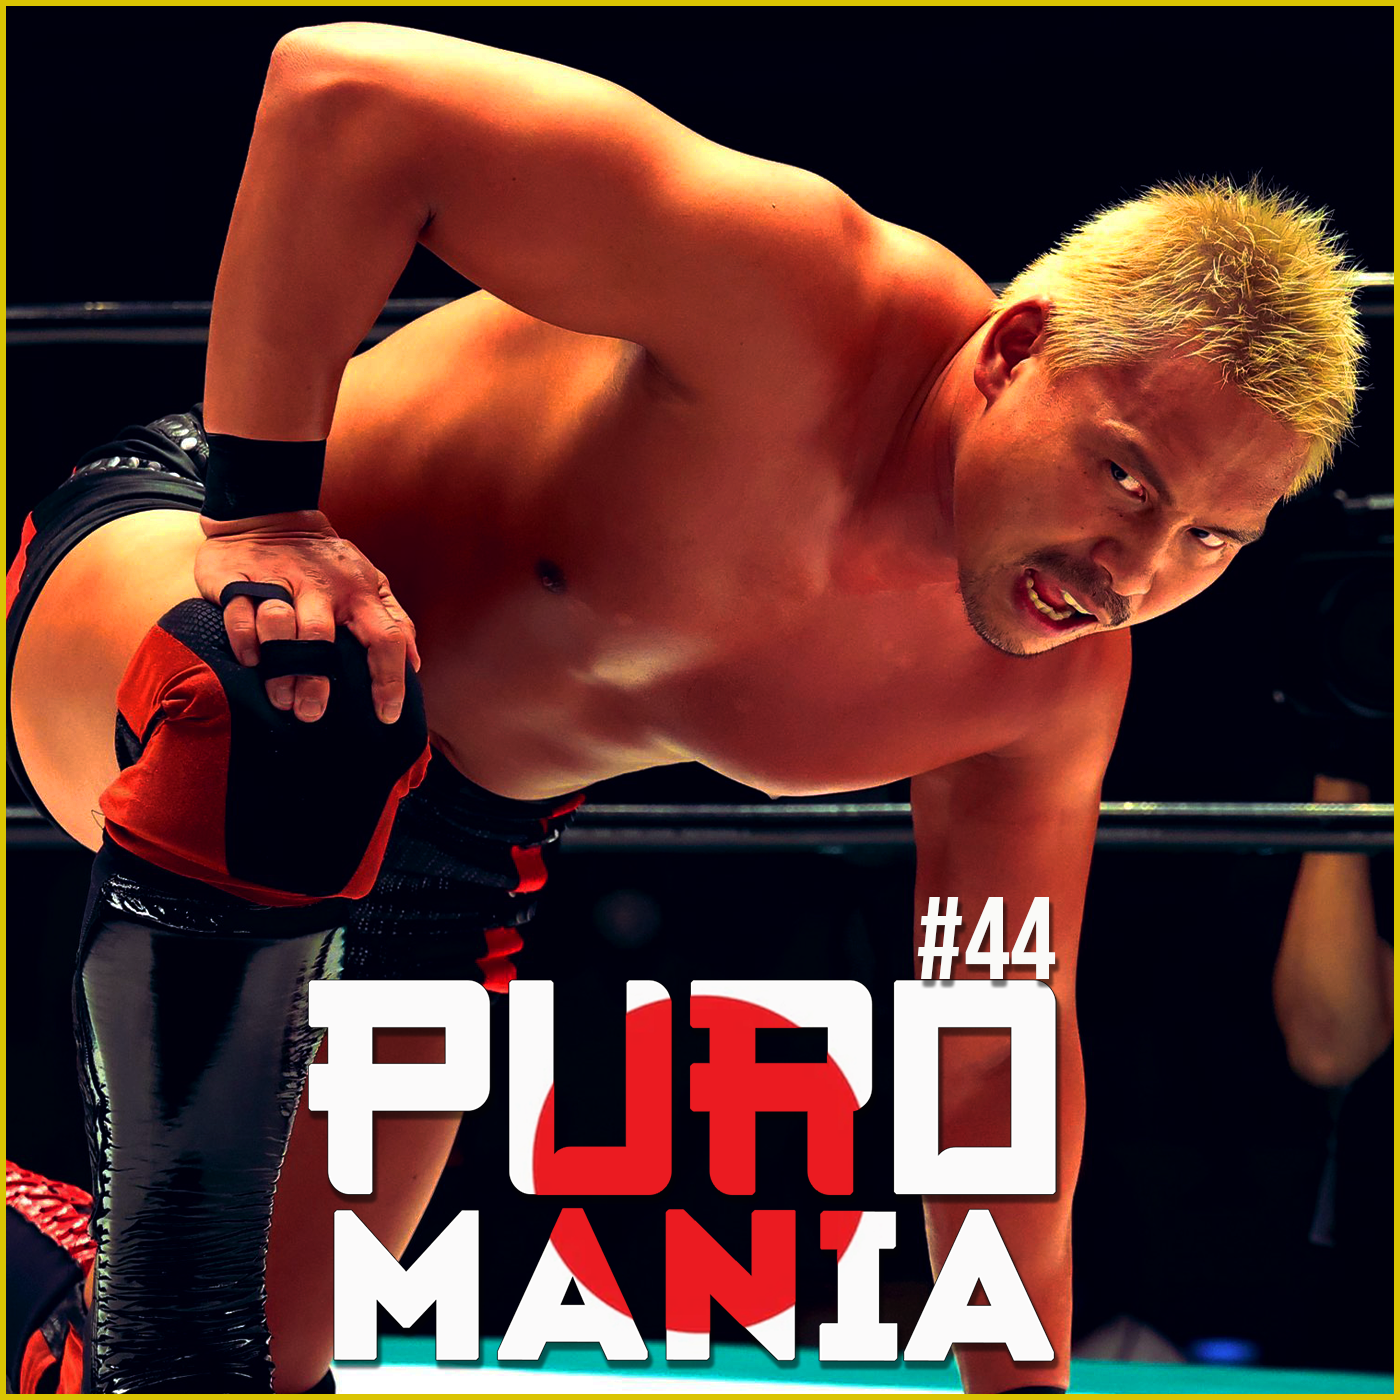 Puromania #44 : Pronostique du G1 Climax & Première journée du NOAH N-1 VICTORY.